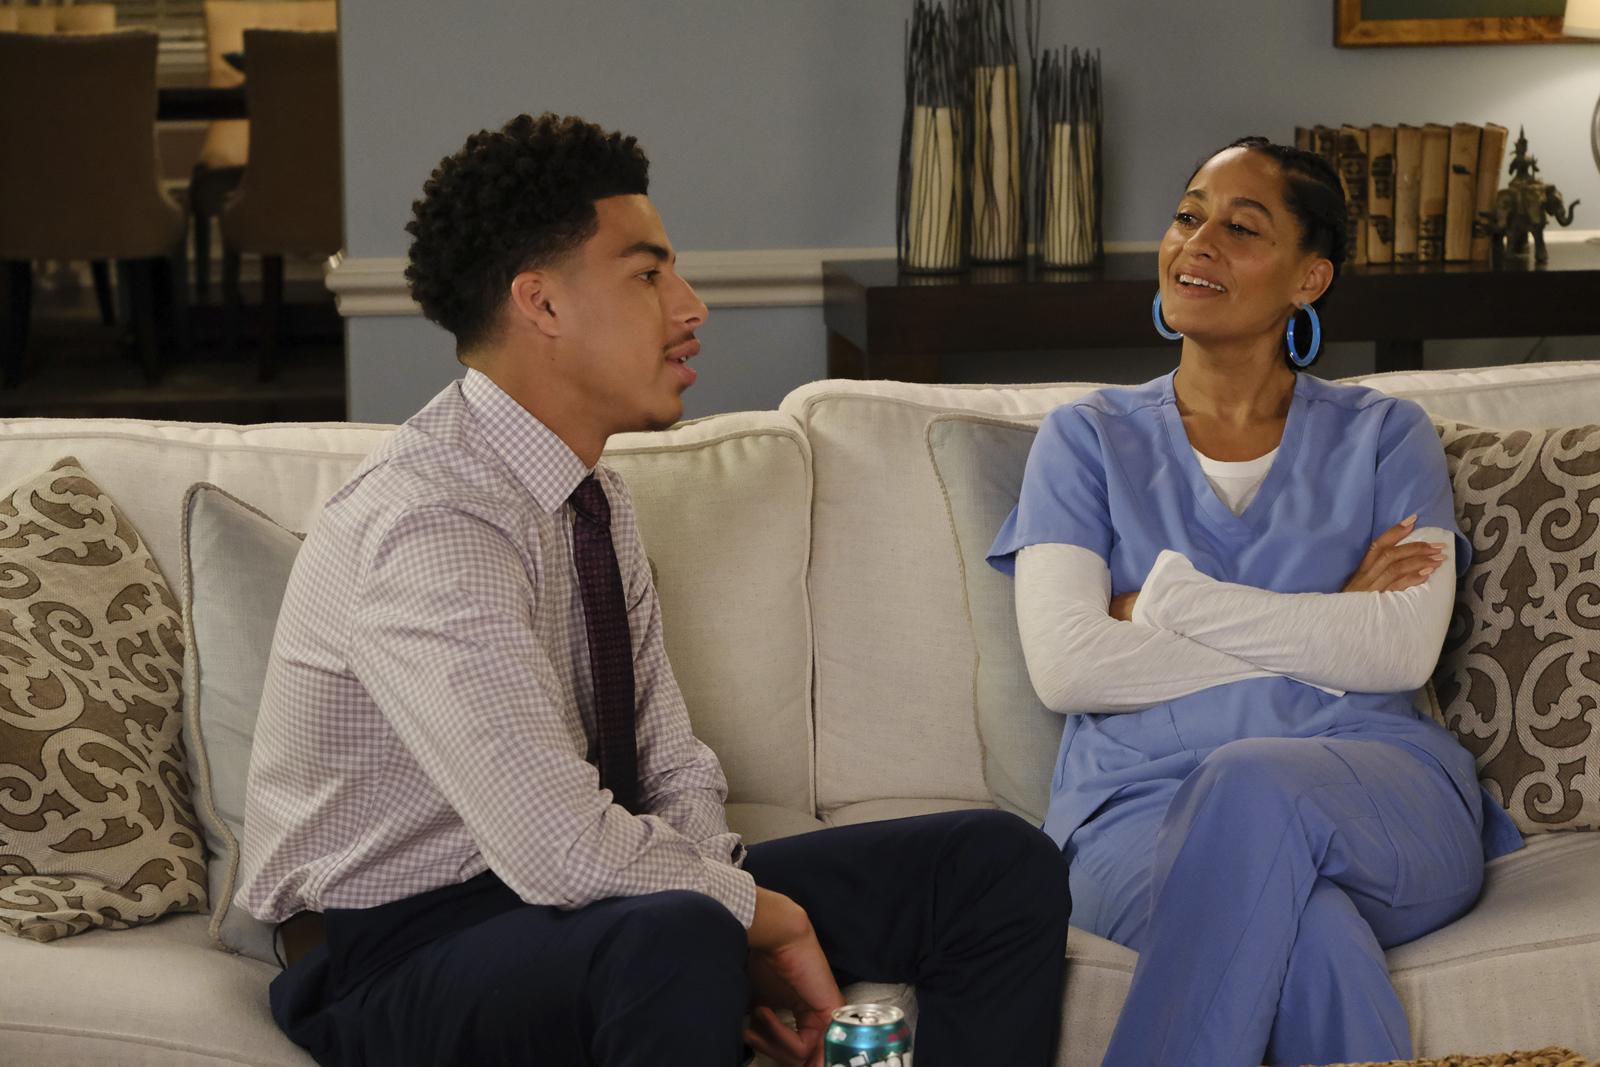 Cena de black-ish. Nela está um garoto e uma mulher sentados em um sofá branco. Na esquerda o jovem é negro e usa camisa listrada com uma gravata escura e calça social escura. Na direita, a mulher é negra e veste uniforme hospitalar azul.